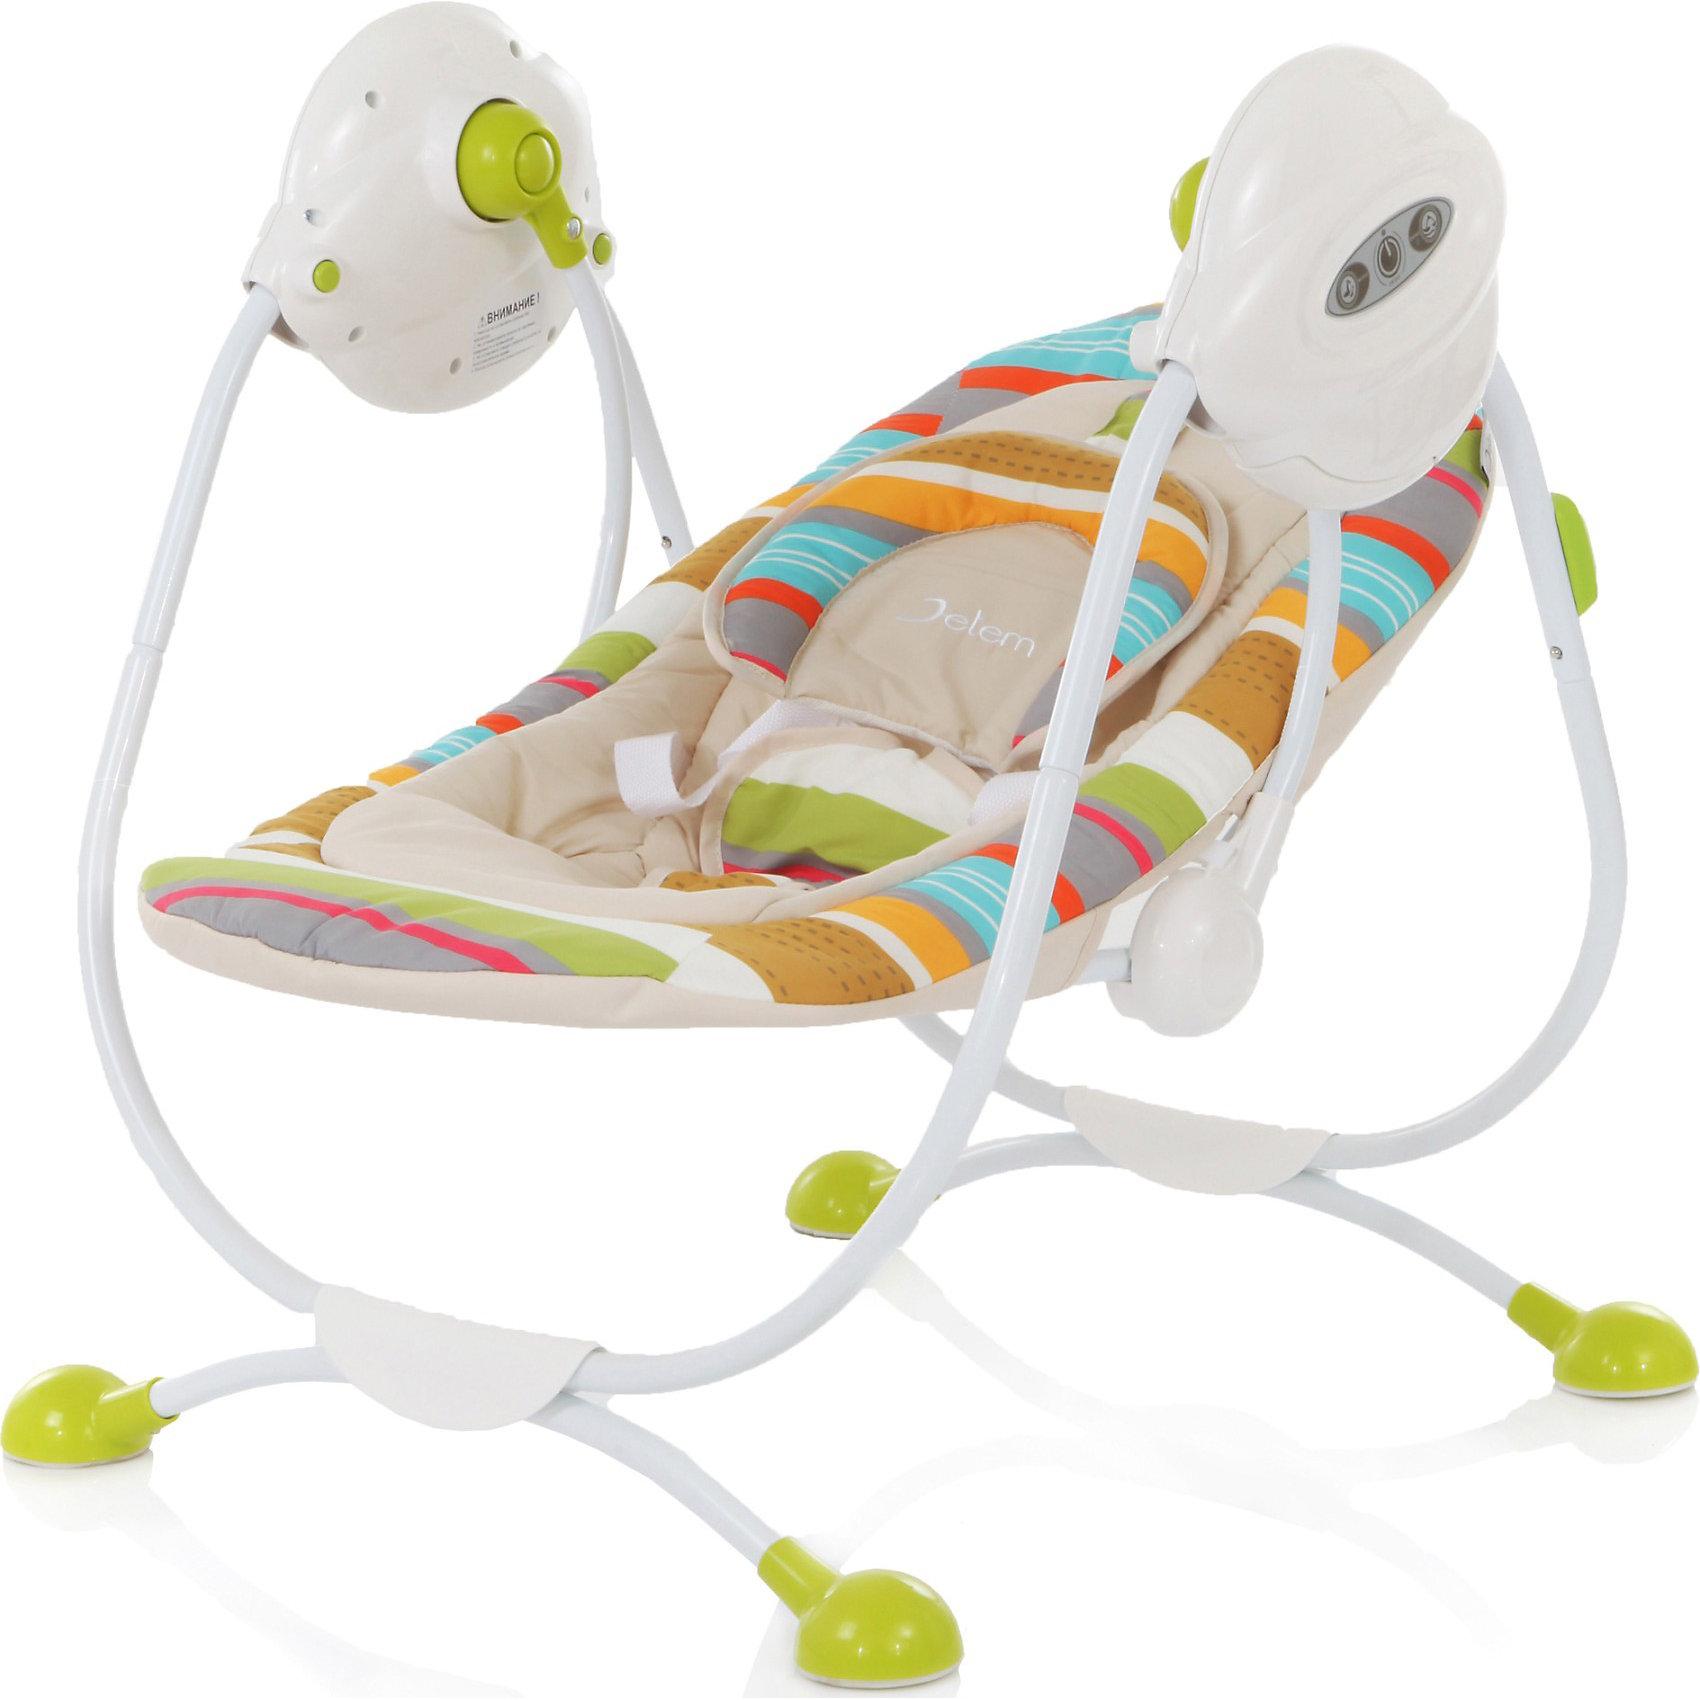 Электрокачели Surf с адаптером, Jetem, зеленыйКачели электронные<br>Комфортные электрокачели для малышей. Есть 3 скорости укачивания и музыкальный блок с 3-мя мелодиями - все самое необходимое, чтобы успокоить ребенка перед сном. Спинку сидения можно регулировать в двух положениях: от комфортного горизонтального для младенца, до полулежачего для уже подросшего малыша. 5-точечные ремни безопасности надежно зафиксируют ребенка в кресле, при этом не стеснив его движений. Съемный чехол легко стирается. Для удобства родителей качели оснащены таймером для остановки. <br><br>Дополнительная информация:<br><br>Рекомендованы для детей c рождения до 6 месяцев (весом до 11 кг)<br>Электронный музыкальный блок с 3-мя мелодиями (работает от 4 батареек типа LR14 или от сети);<br>Размер разложенного спального места: 74х40 см.<br>Размер качелей: 60х58х73 см<br>Вес качелей 5 кг.<br>Адаптер для подключения к электросети в комплект<br><br><br><br>Электрокачели Surf с адаптером, Jetem (Жетем), зеленый можно купить в нашем магазине.<br><br>Ширина мм: 730<br>Глубина мм: 580<br>Высота мм: 600<br>Вес г: 16000<br>Цвет: зеленый<br>Возраст от месяцев: 0<br>Возраст до месяцев: 6<br>Пол: Унисекс<br>Возраст: Детский<br>SKU: 3872052